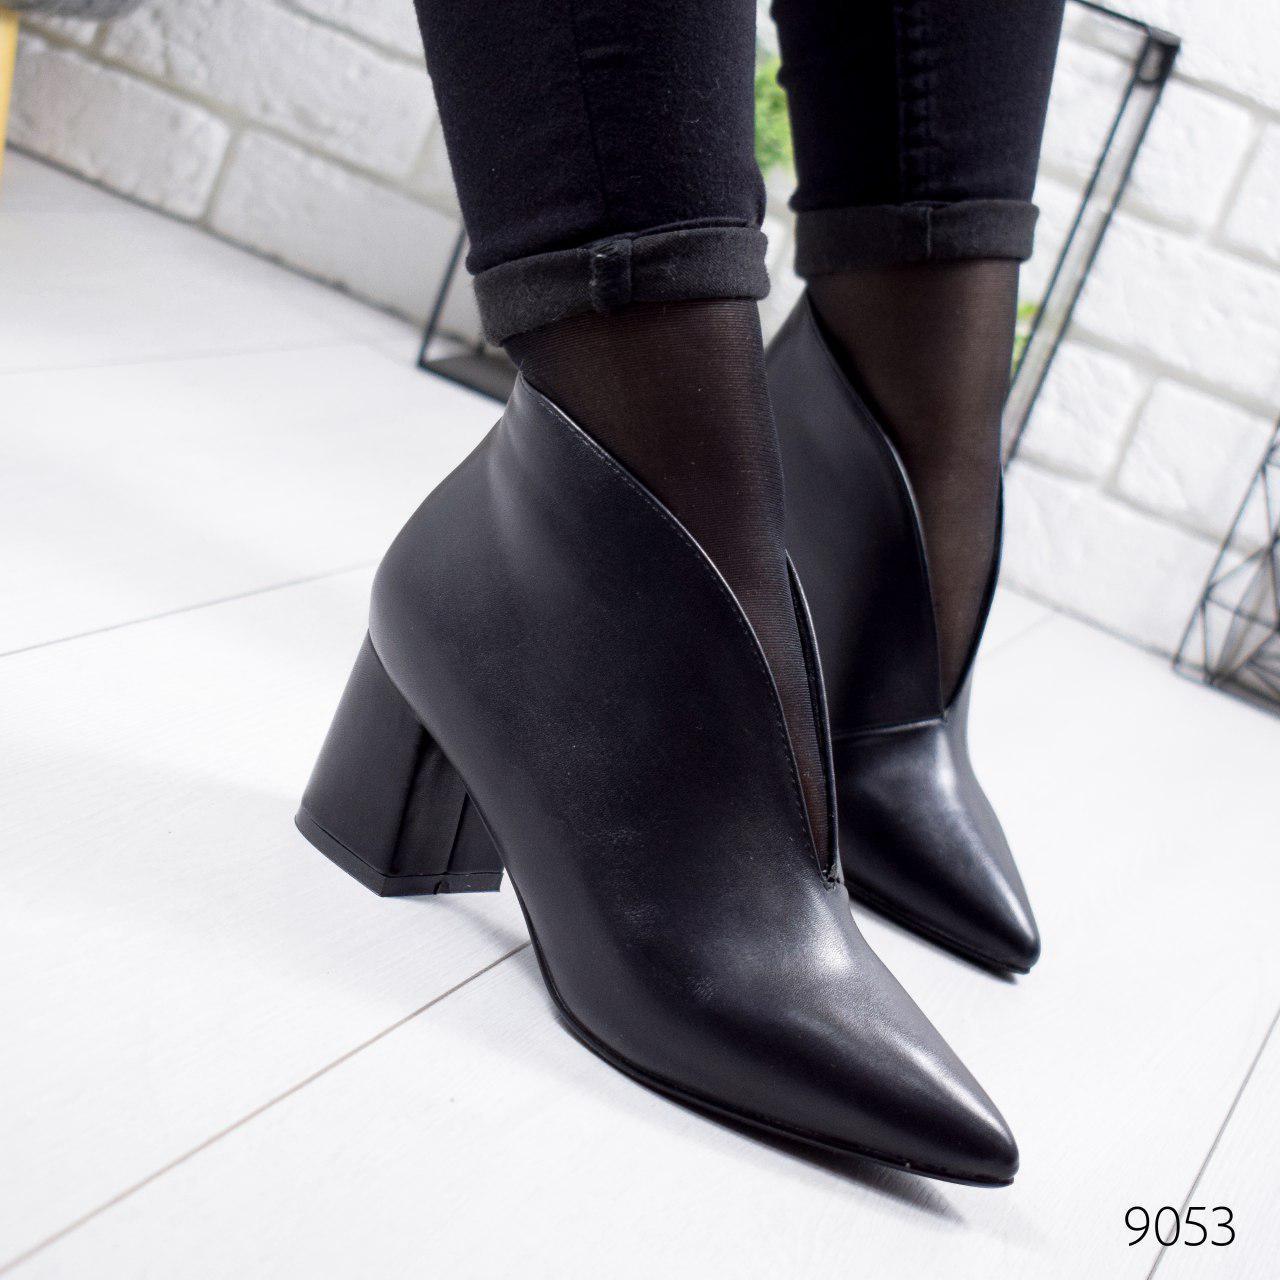 """Ботильоны женские демисезонные, черного цвета из эко кожи """"9053"""". Черевики жіночі. Ботинки деми"""